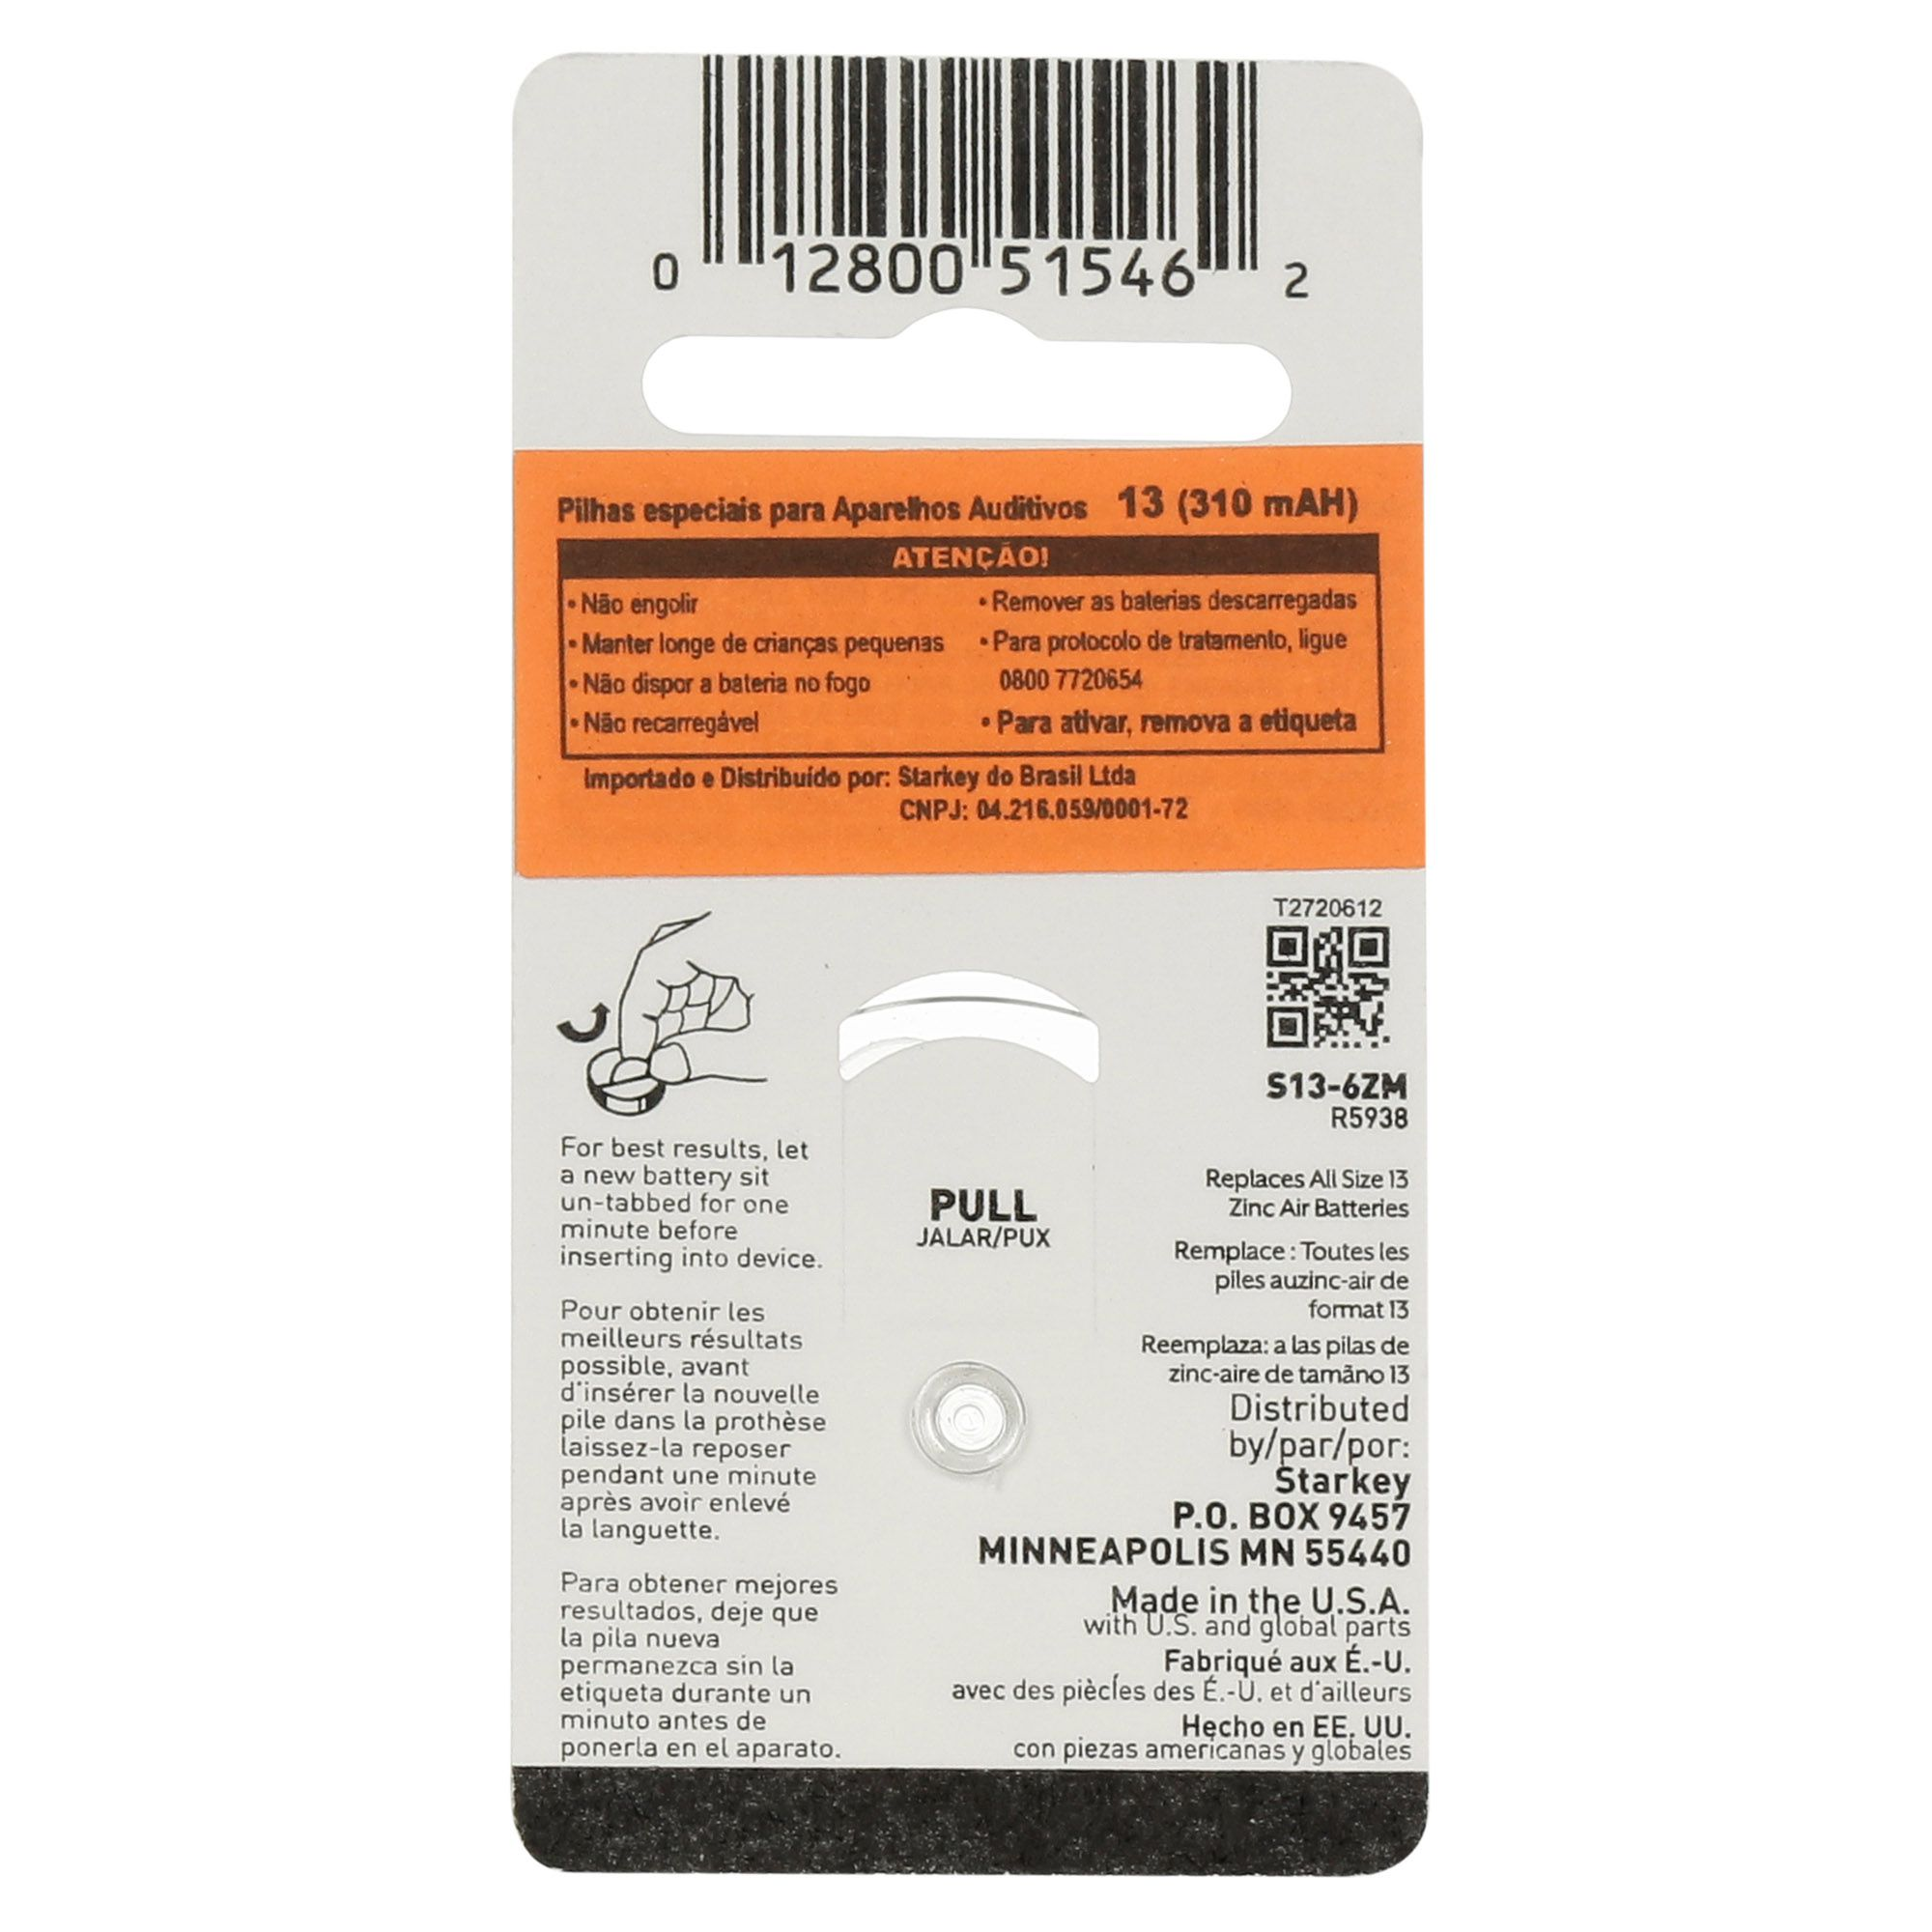 Starkey S13 / PR48 - 10 Cartelas - 60 Baterias para Aparelho Auditivo  - SONORA